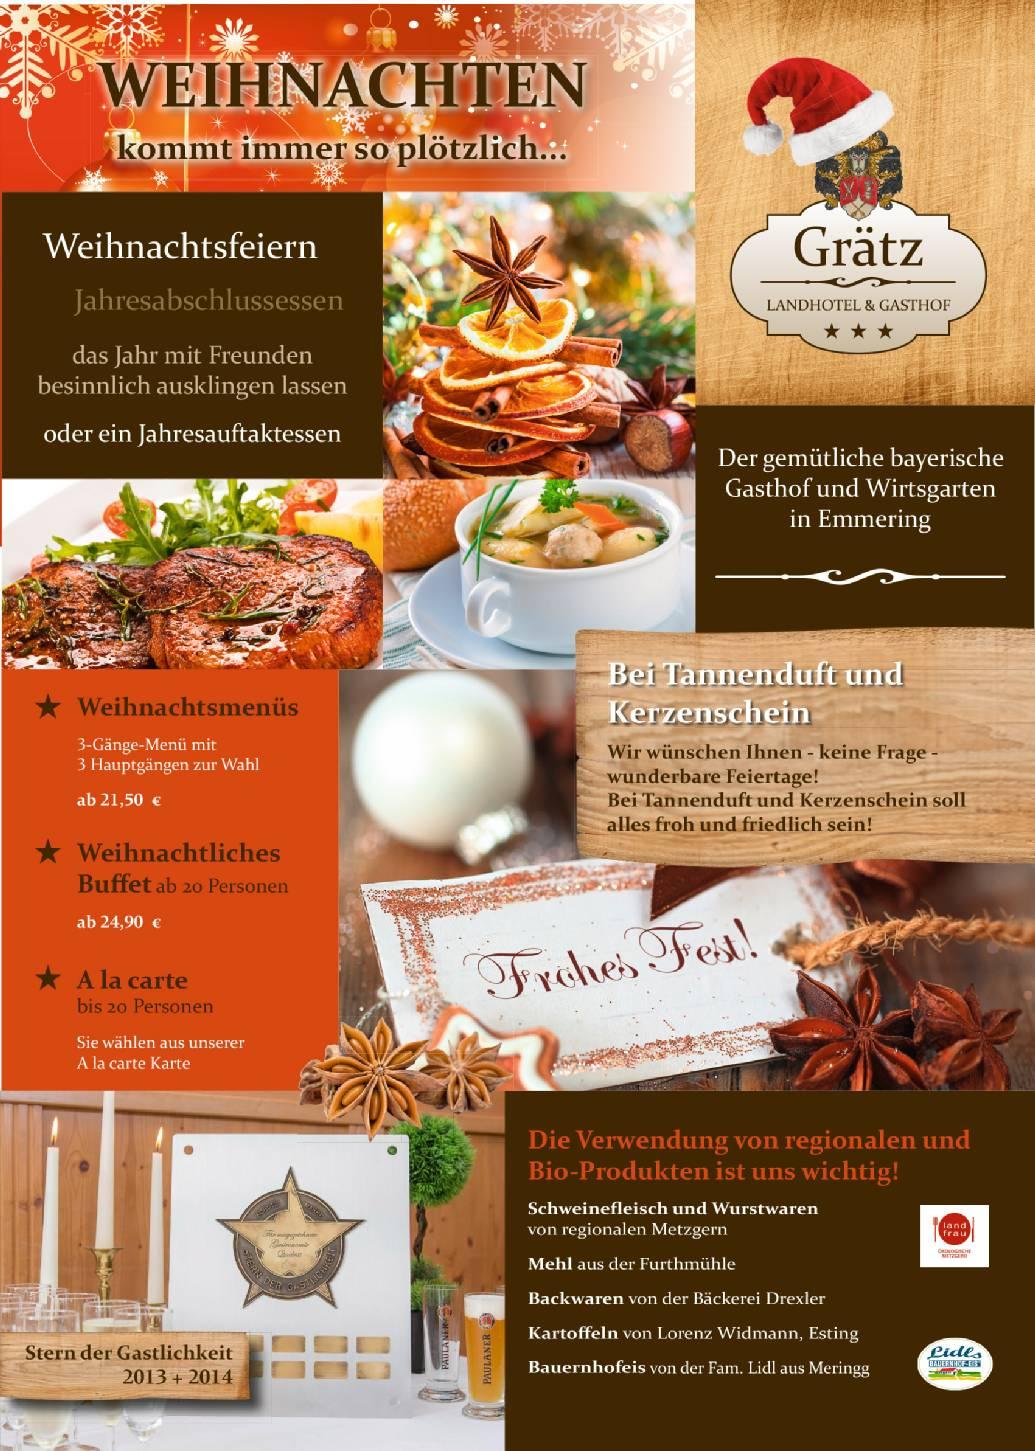 Angebot Weihnachtsfeier.Landhotel Mit Bayrischem Restaurant Und Wirtsgarten Direkt An Der